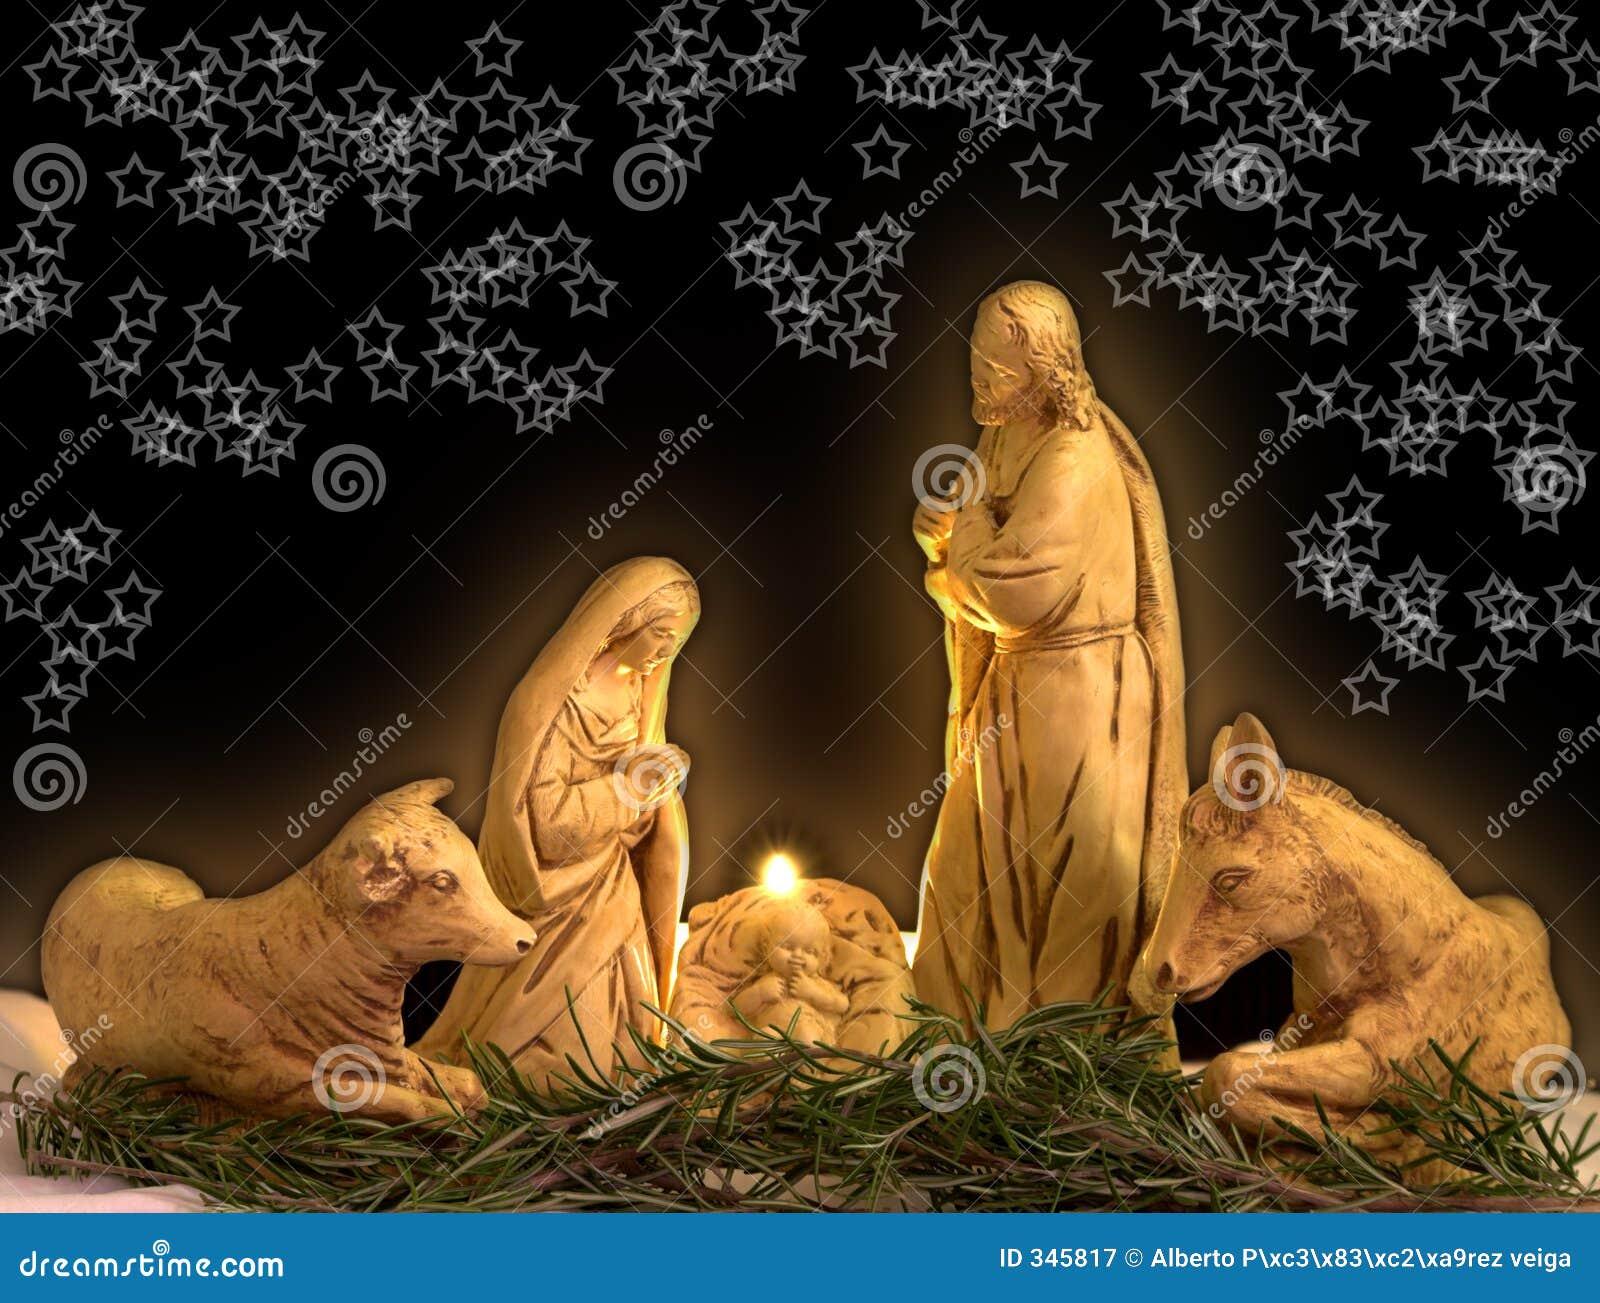 Weihnachtsszene stockbild. Bild von weihnachten, leuchte - 345817